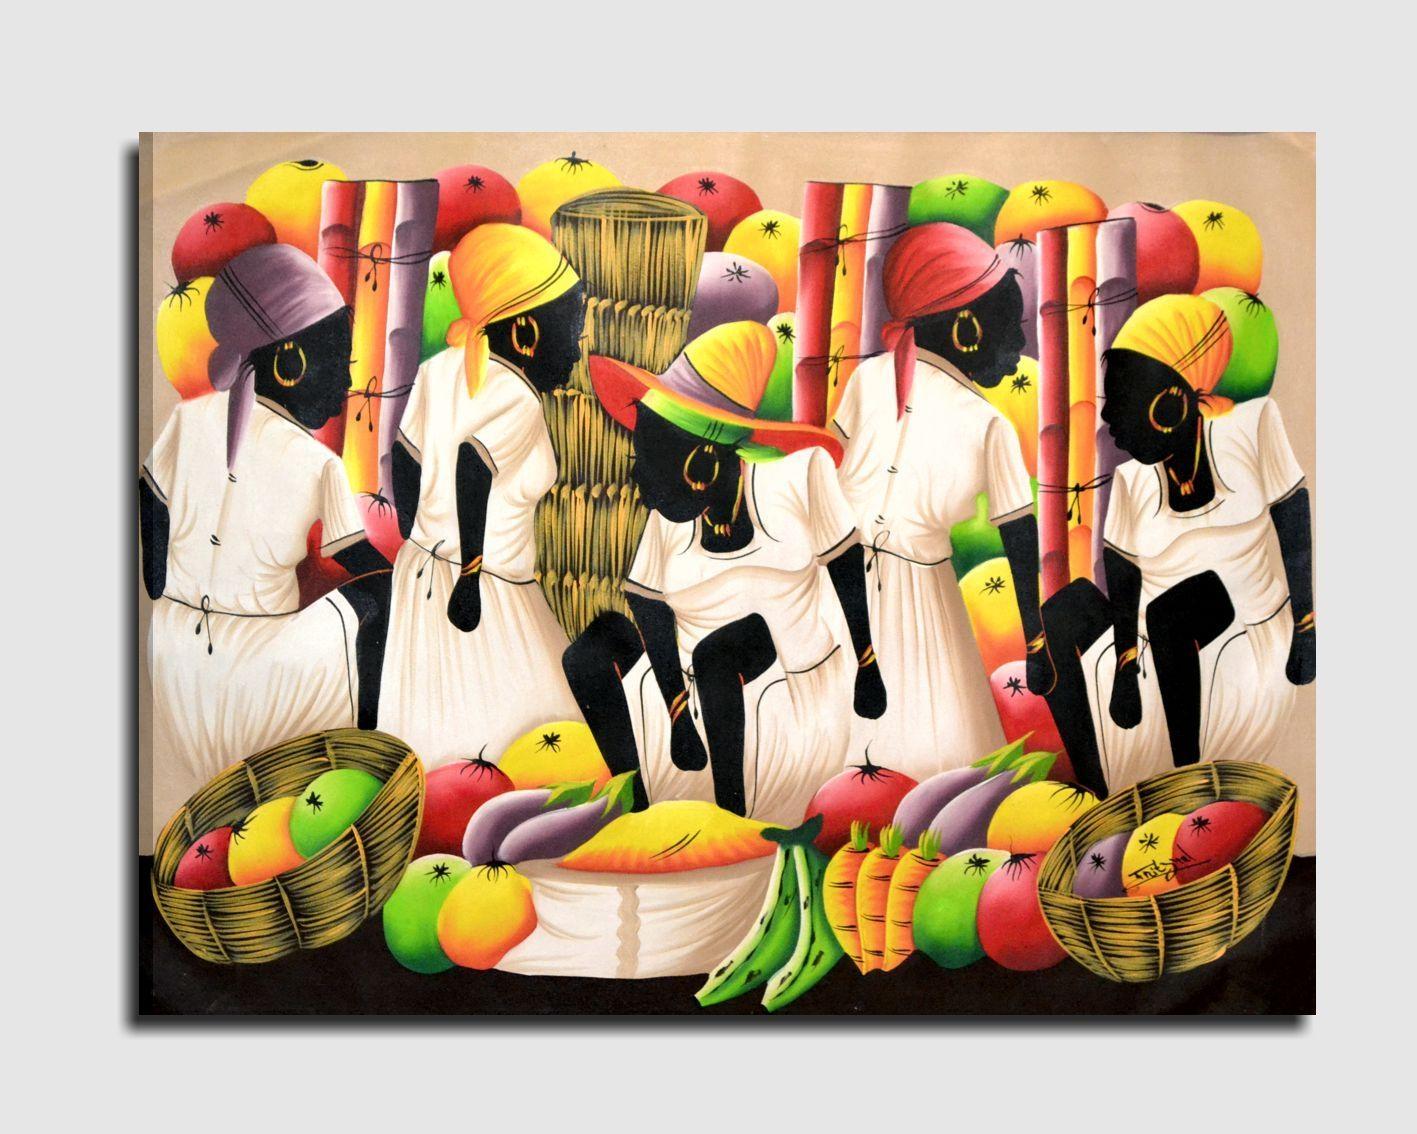 quadri moderni colorati